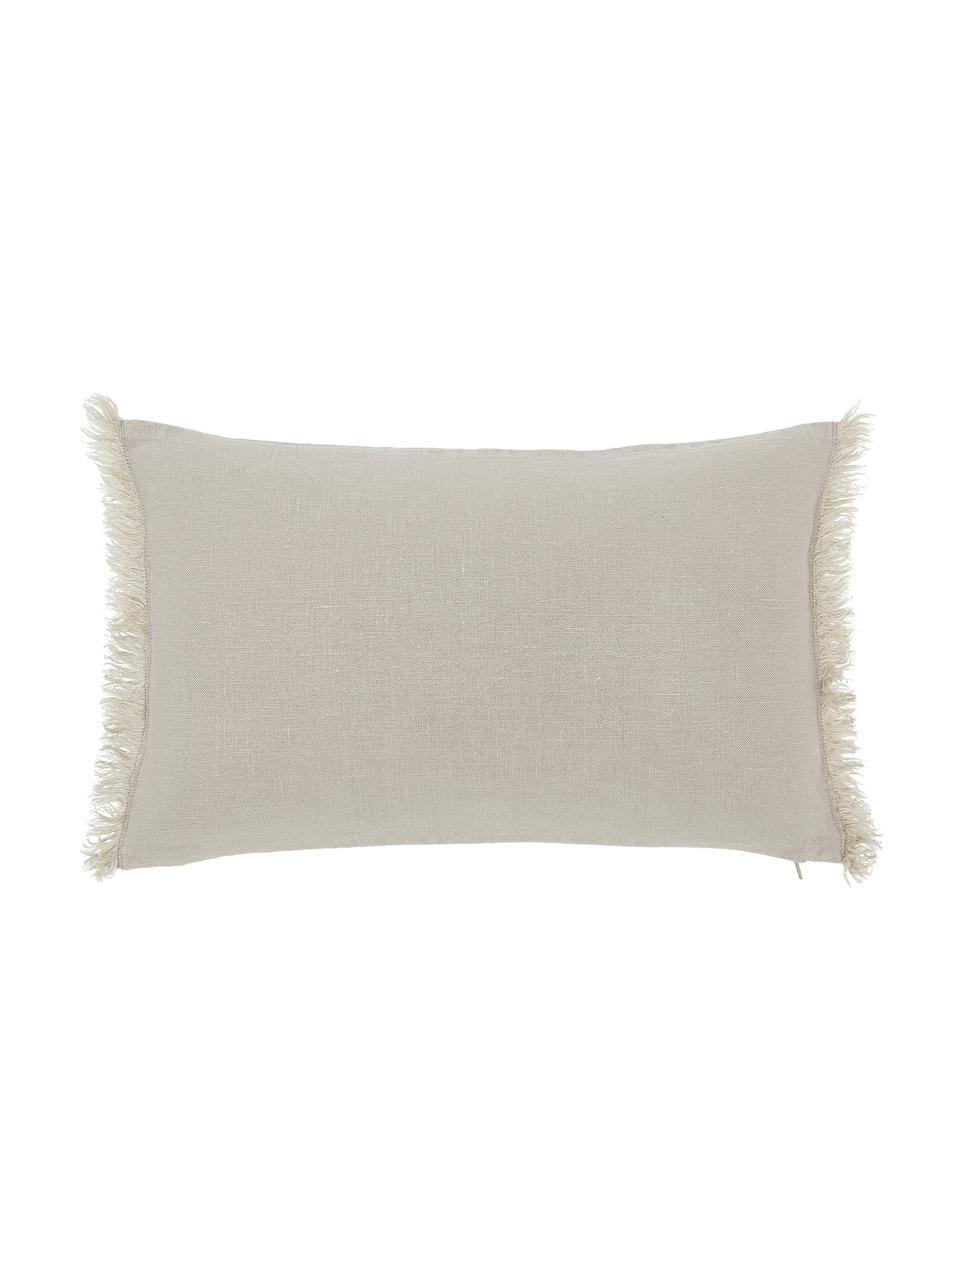 Leinen-Kissenhülle Luana in Beige mit Fransen, 100% Leinen  Leinen hat von Natur aus eher eine grobe Haptik und einen natürlichen Knitterlook. Die hohe Reißfestigkeit macht Leinen scheuerfest und strapazierfähig., Beige, 30 x 50 cm